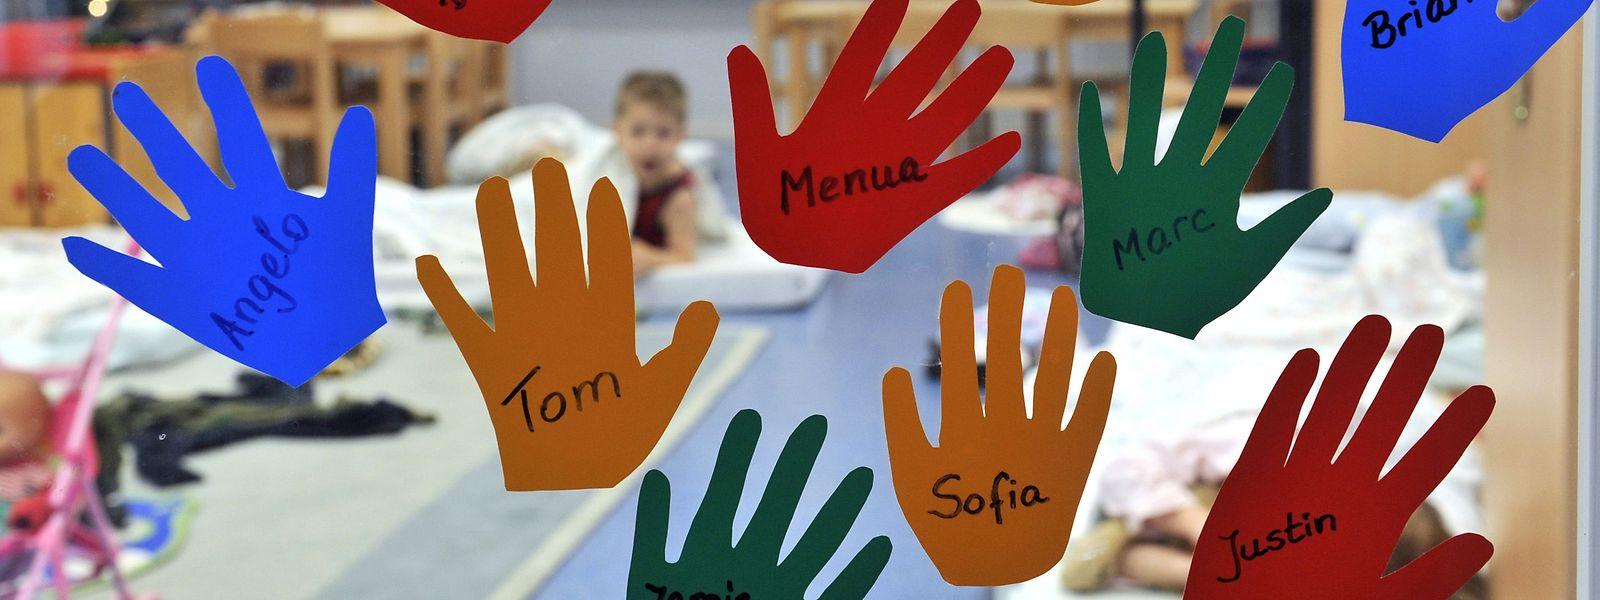 En 2020, quelque 116.700 ménages recevaient des allocations familiales, selon les données de la Caisse pour l'avenir des enfants.